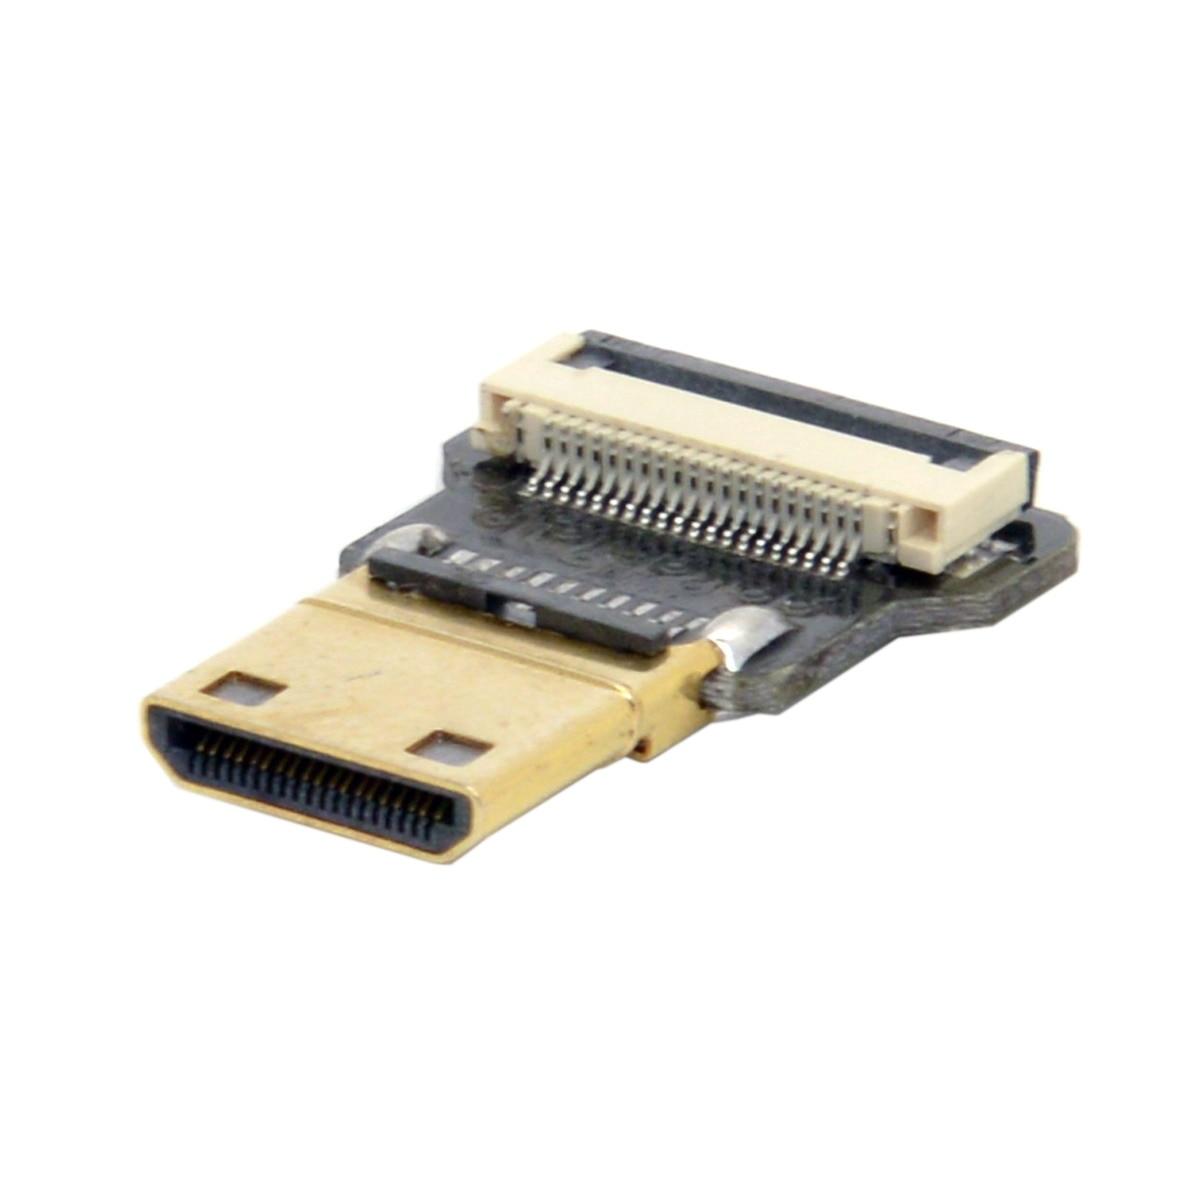 10 pcs/lot câble CYFPV Mini HDMI Type C mâle connecteur droit Standard pour FPV HDTV Multicopter photographie aérienne